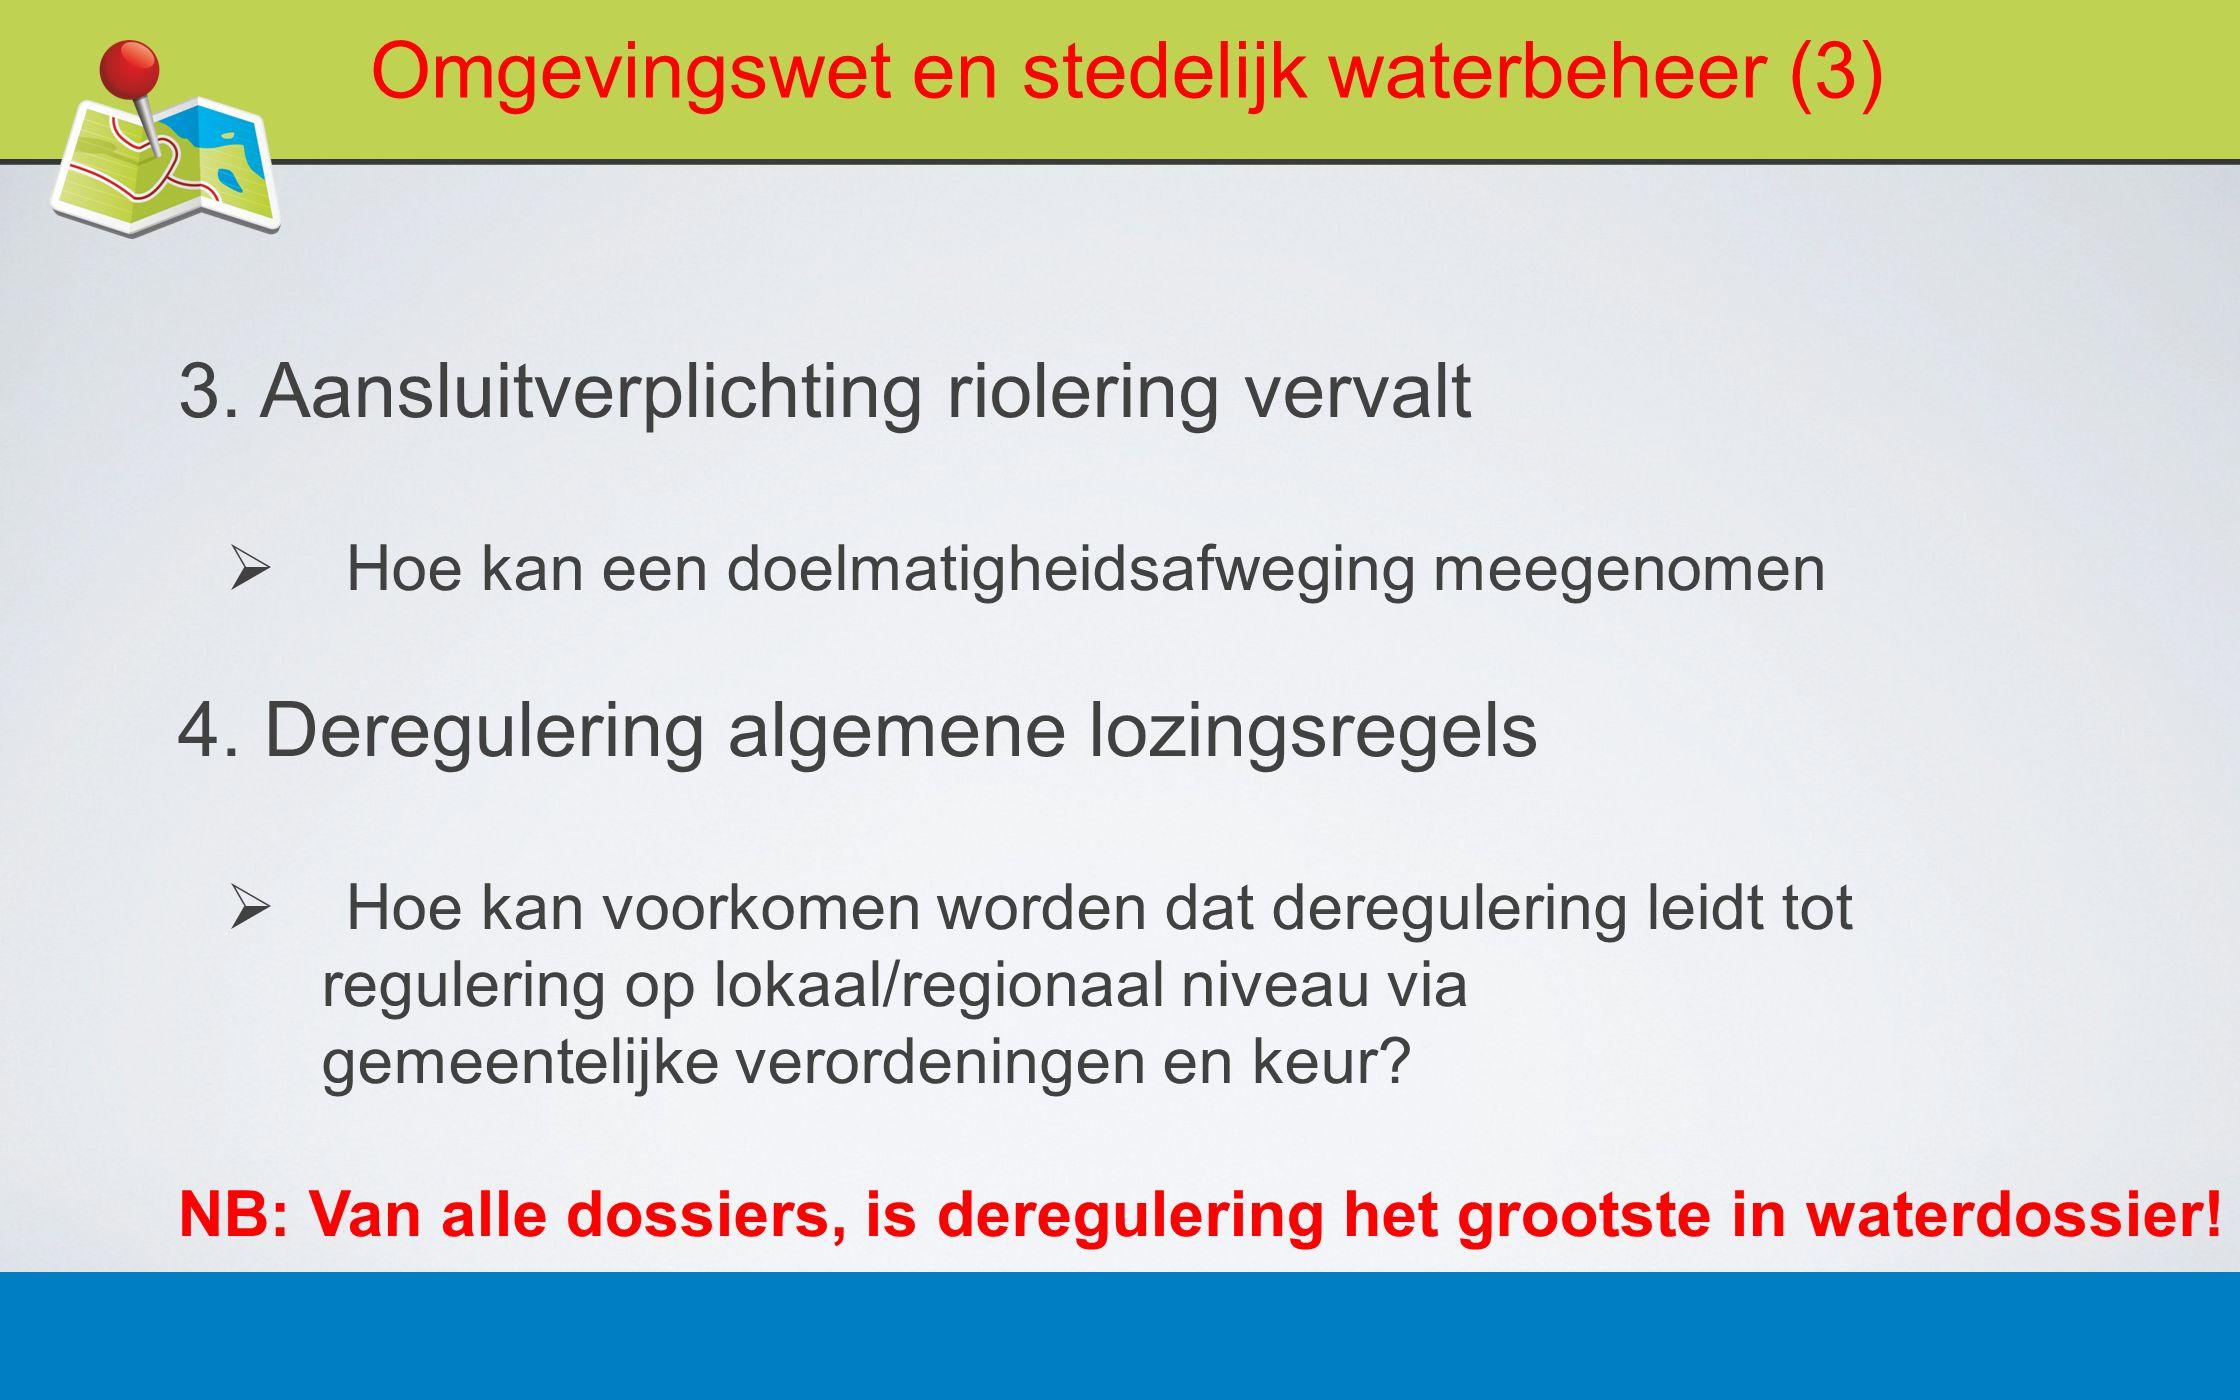 27 februari 20137 Omgevingswet en stedelijk waterbeheer (3) 3. Aansluitverplichting riolering vervalt  Hoe kan een doelmatigheidsafweging meegenomen